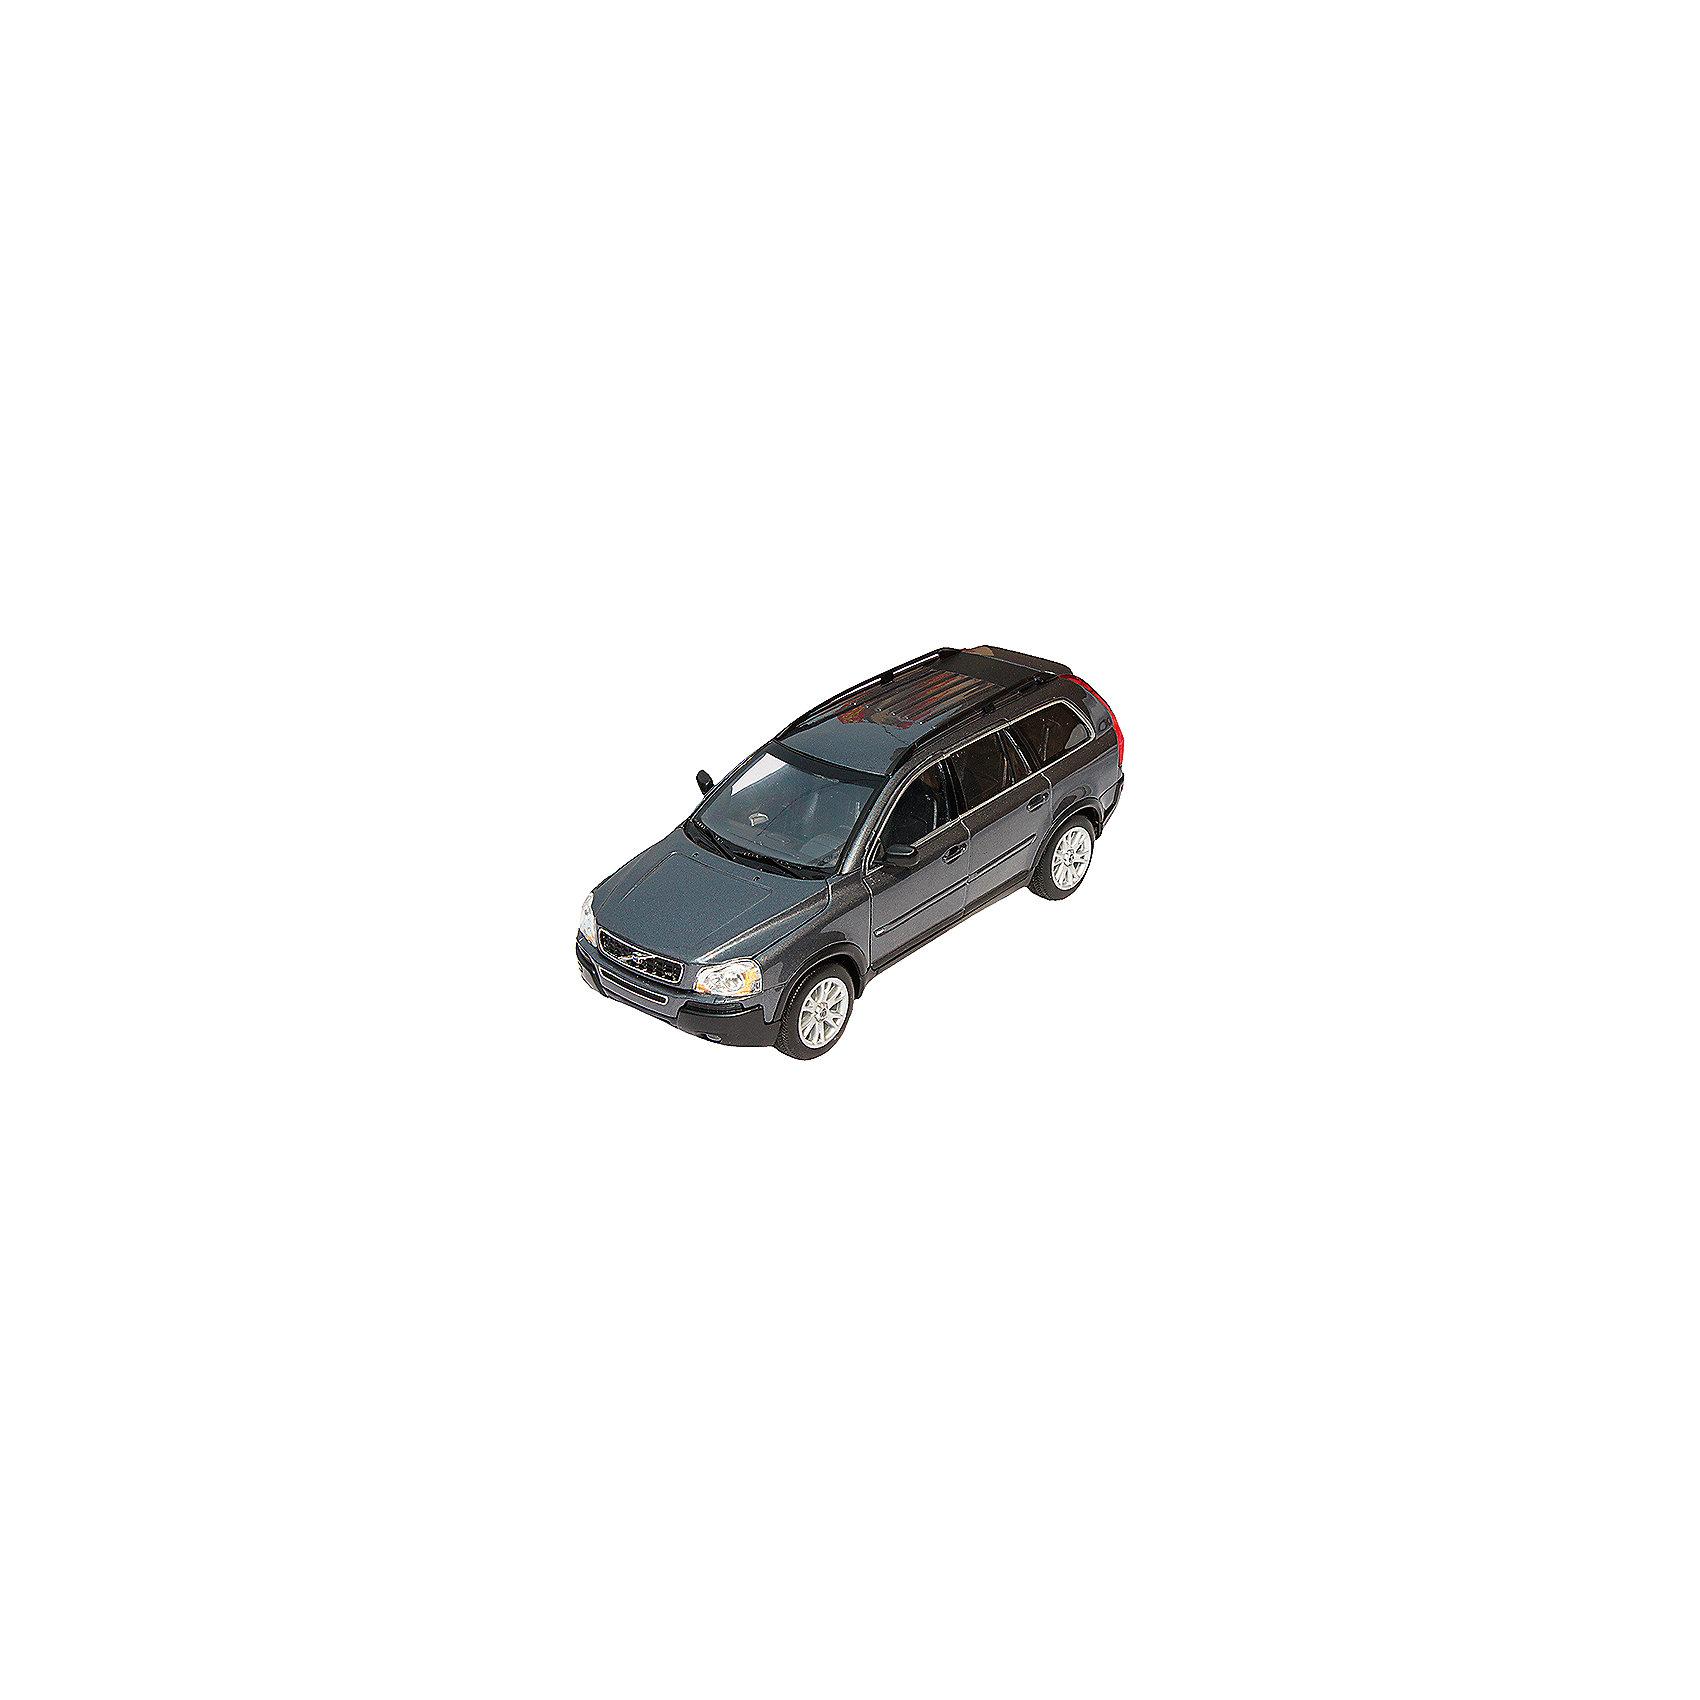 Модель машины 1:18 VOLVO XC90, WellyКоллекционные модели<br>Коллекционная модель машины Welly масштаба 1:18 VOLVO XC90<br>Функции: открываются передние двери, капот, багажник, поворотом руля поворачиваются передние колеса.  Обратите внимание, машина представлена в цветовом ассортименте, выбранный вариант в поставке не гарантирован.<br><br>Ширина мм: 160<br>Глубина мм: 140<br>Высота мм: 340<br>Вес г: 1492<br>Возраст от месяцев: 36<br>Возраст до месяцев: 192<br>Пол: Мужской<br>Возраст: Детский<br>SKU: 4966473